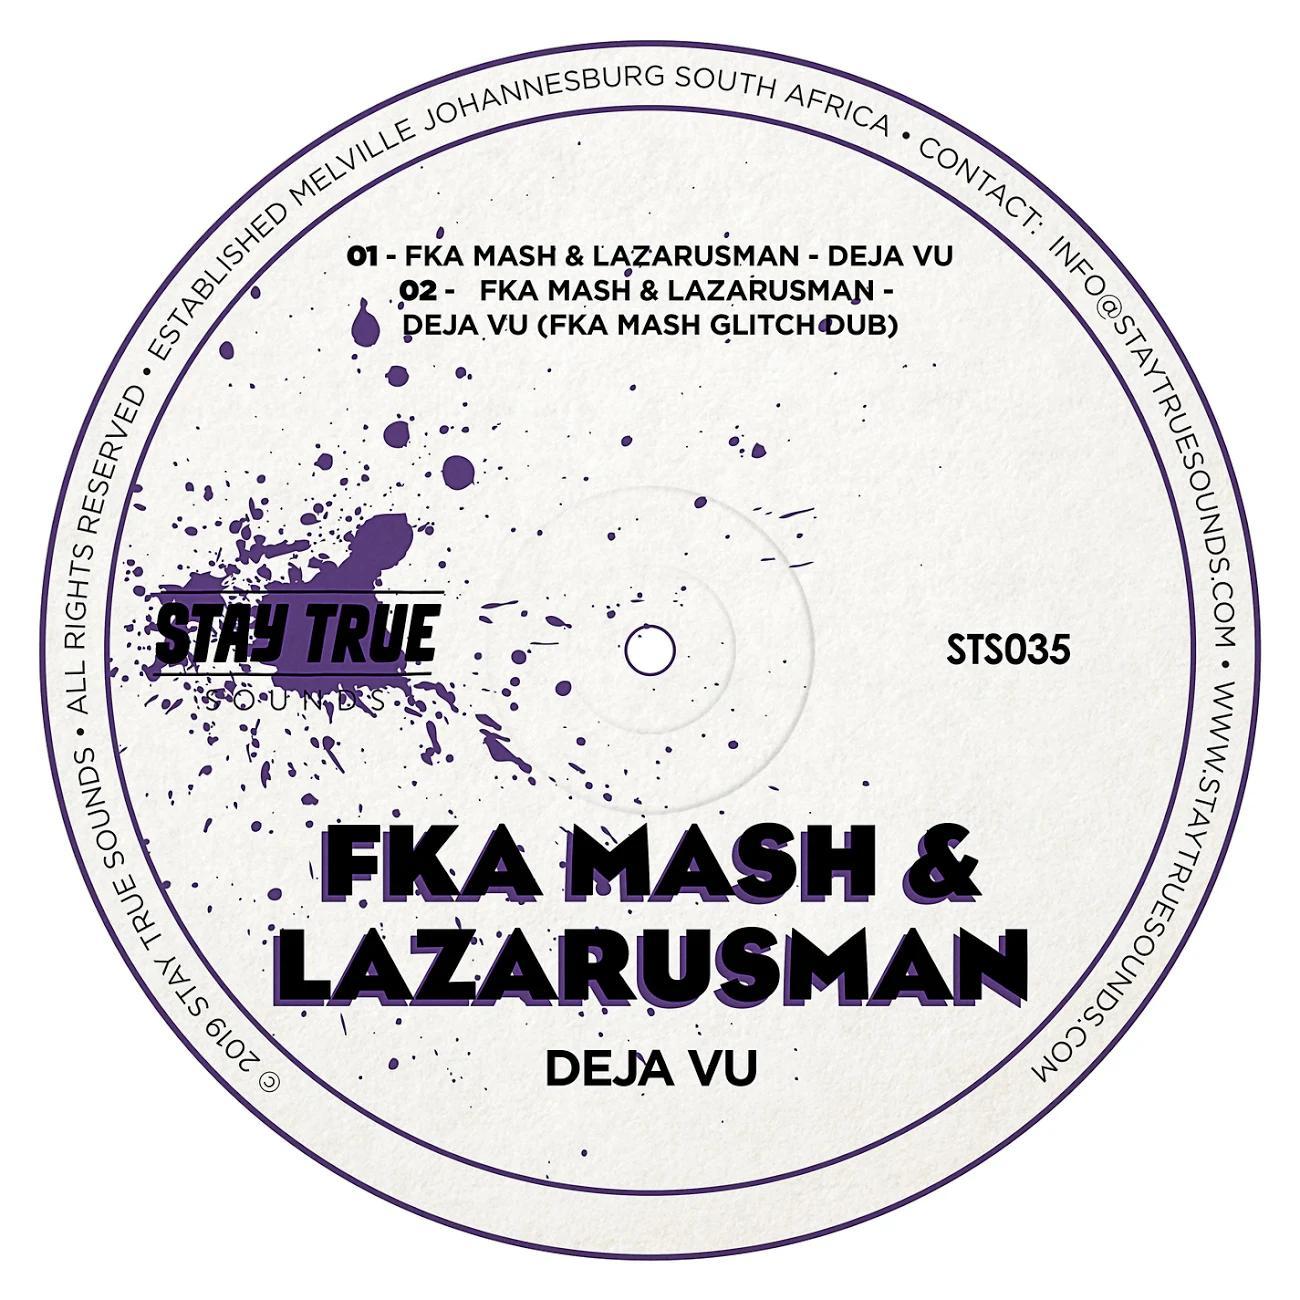 Fka Mash & Lazarusman - De Javu (Fka Mash Glitch Dub), deep house music, deephouse, deep house sounds, sa deep house songs